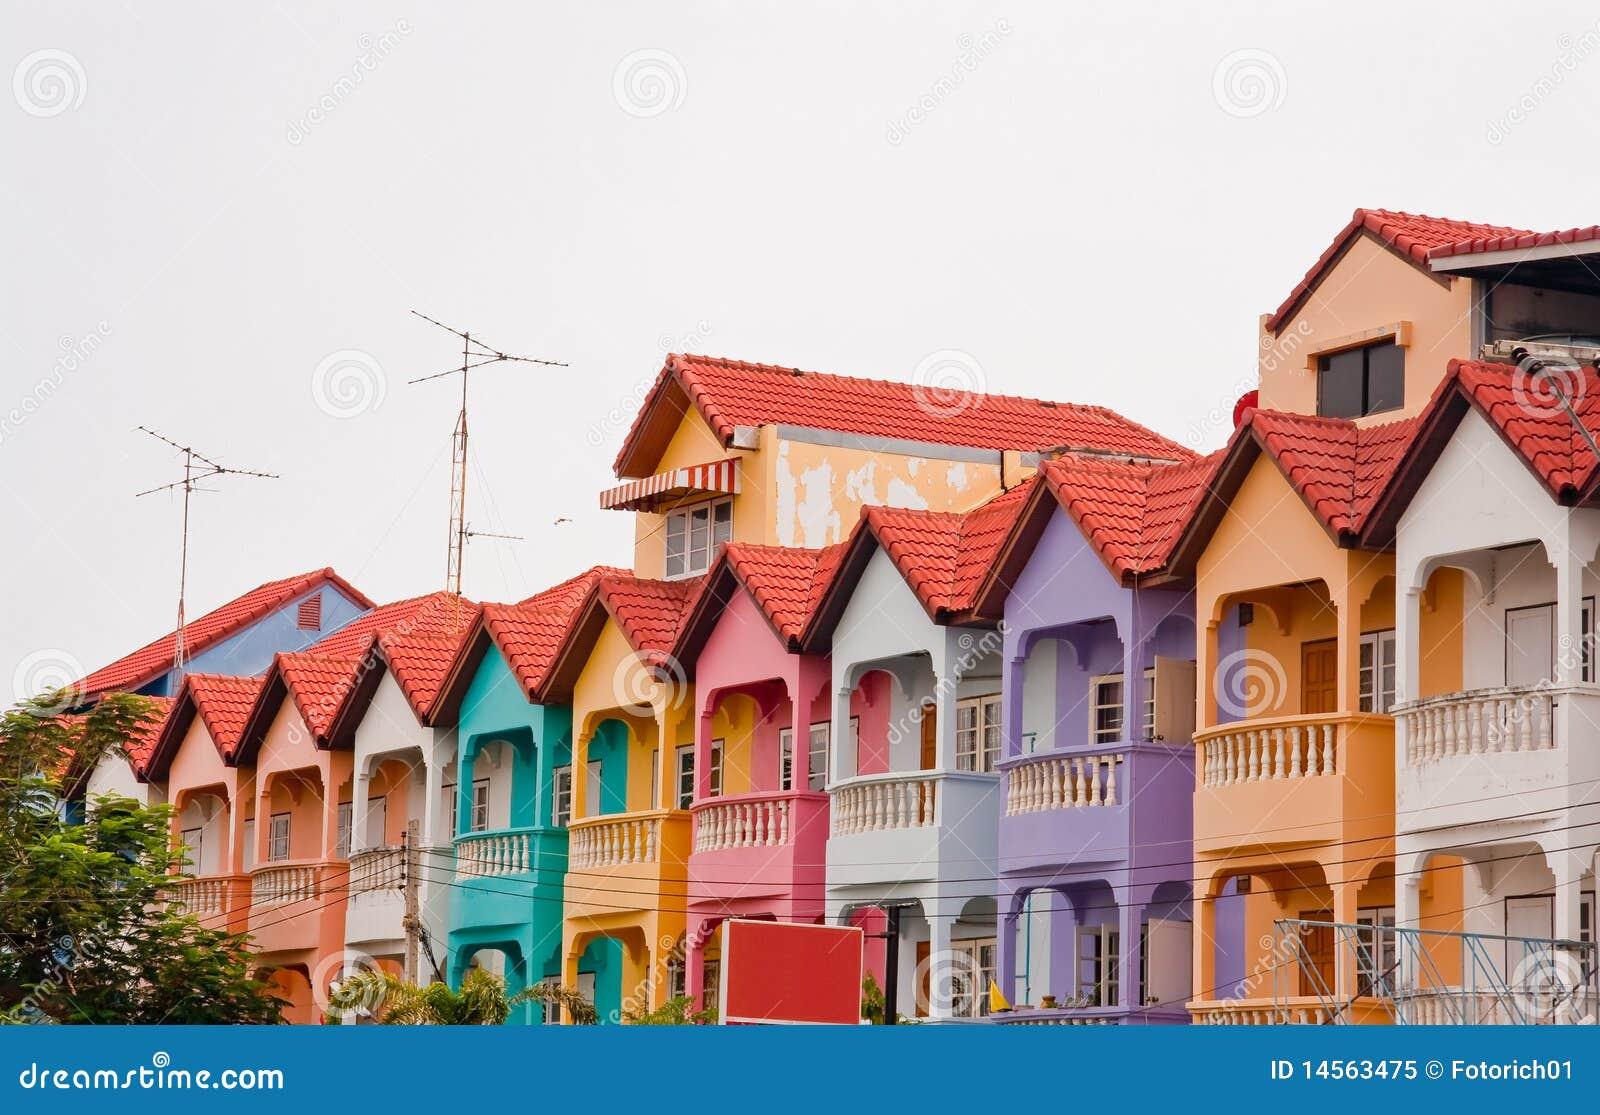 Kleurrijk huis in de stad royalty vrije stock foto afbeelding 14563475 - Foto huis in l ...